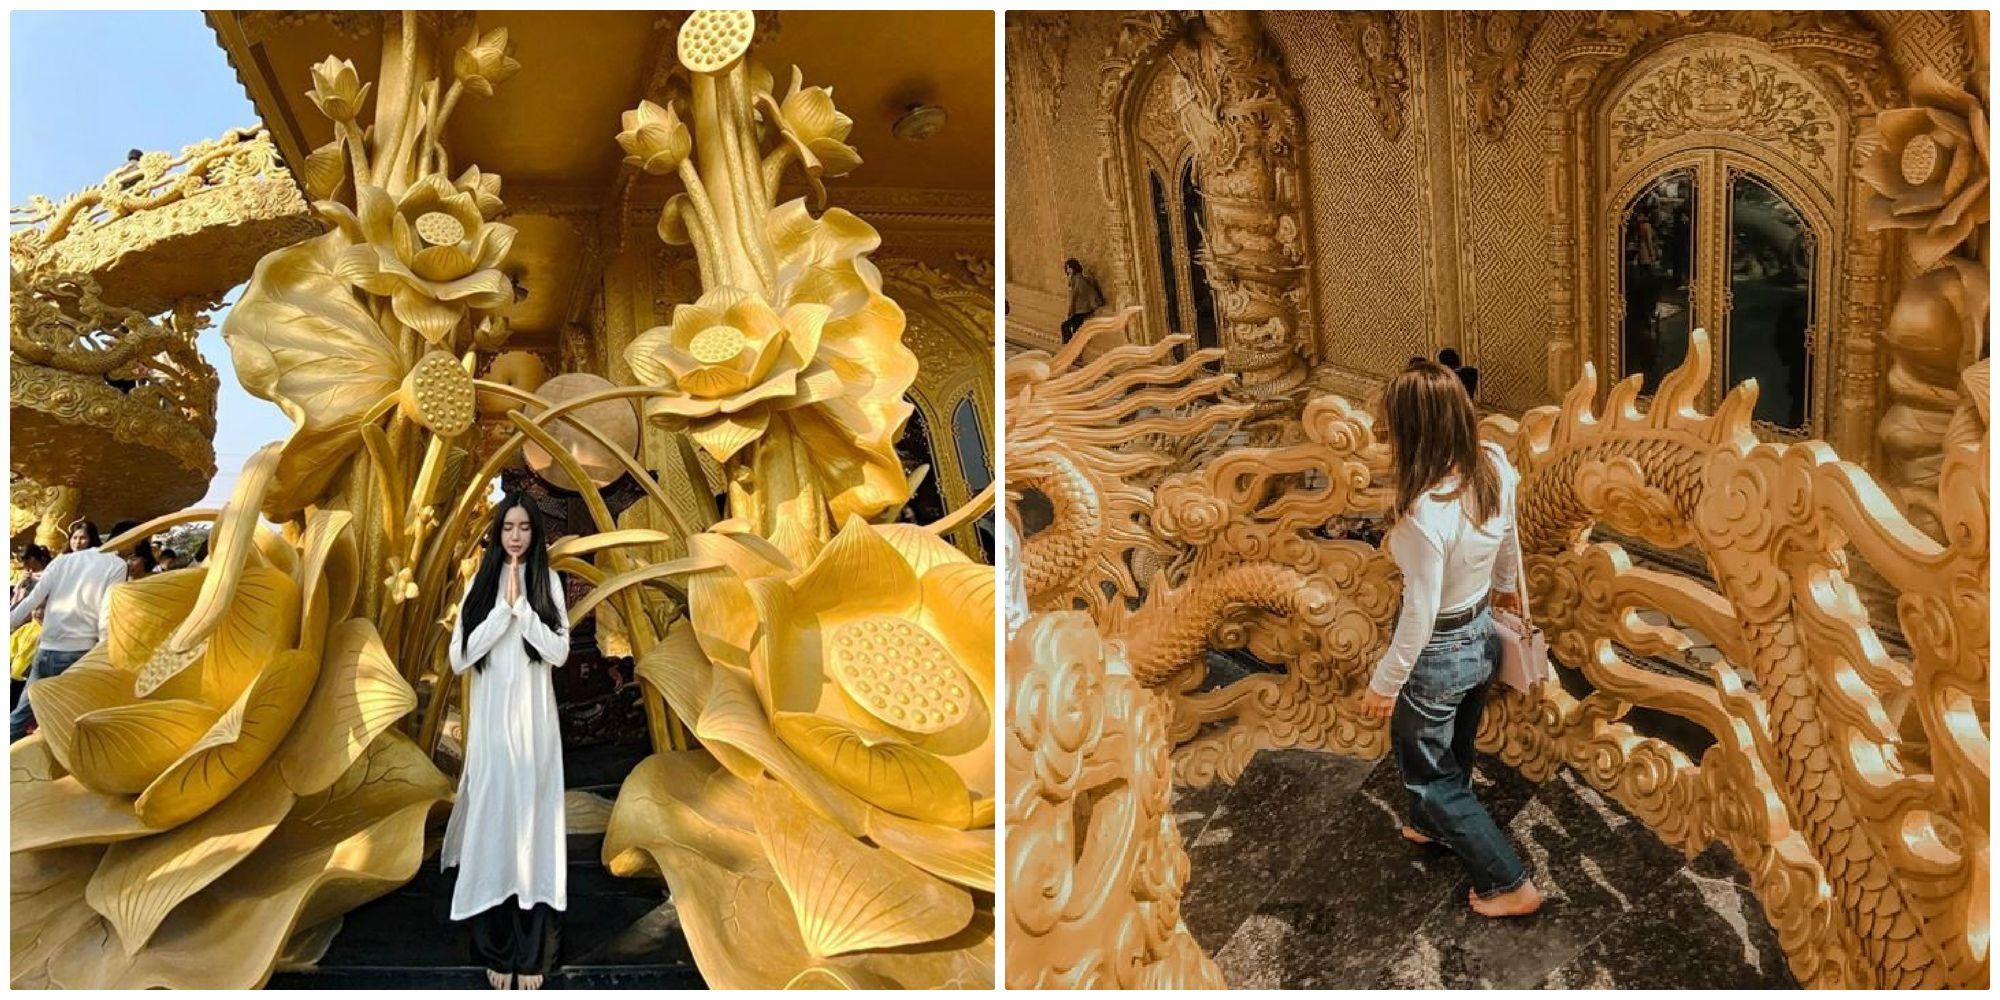 """Phát sốt trước ngôi chùa """"dát vàng"""" được mệnh danh là """"Thái Lan thu nhỏ"""" sát xịt Hà Nội"""